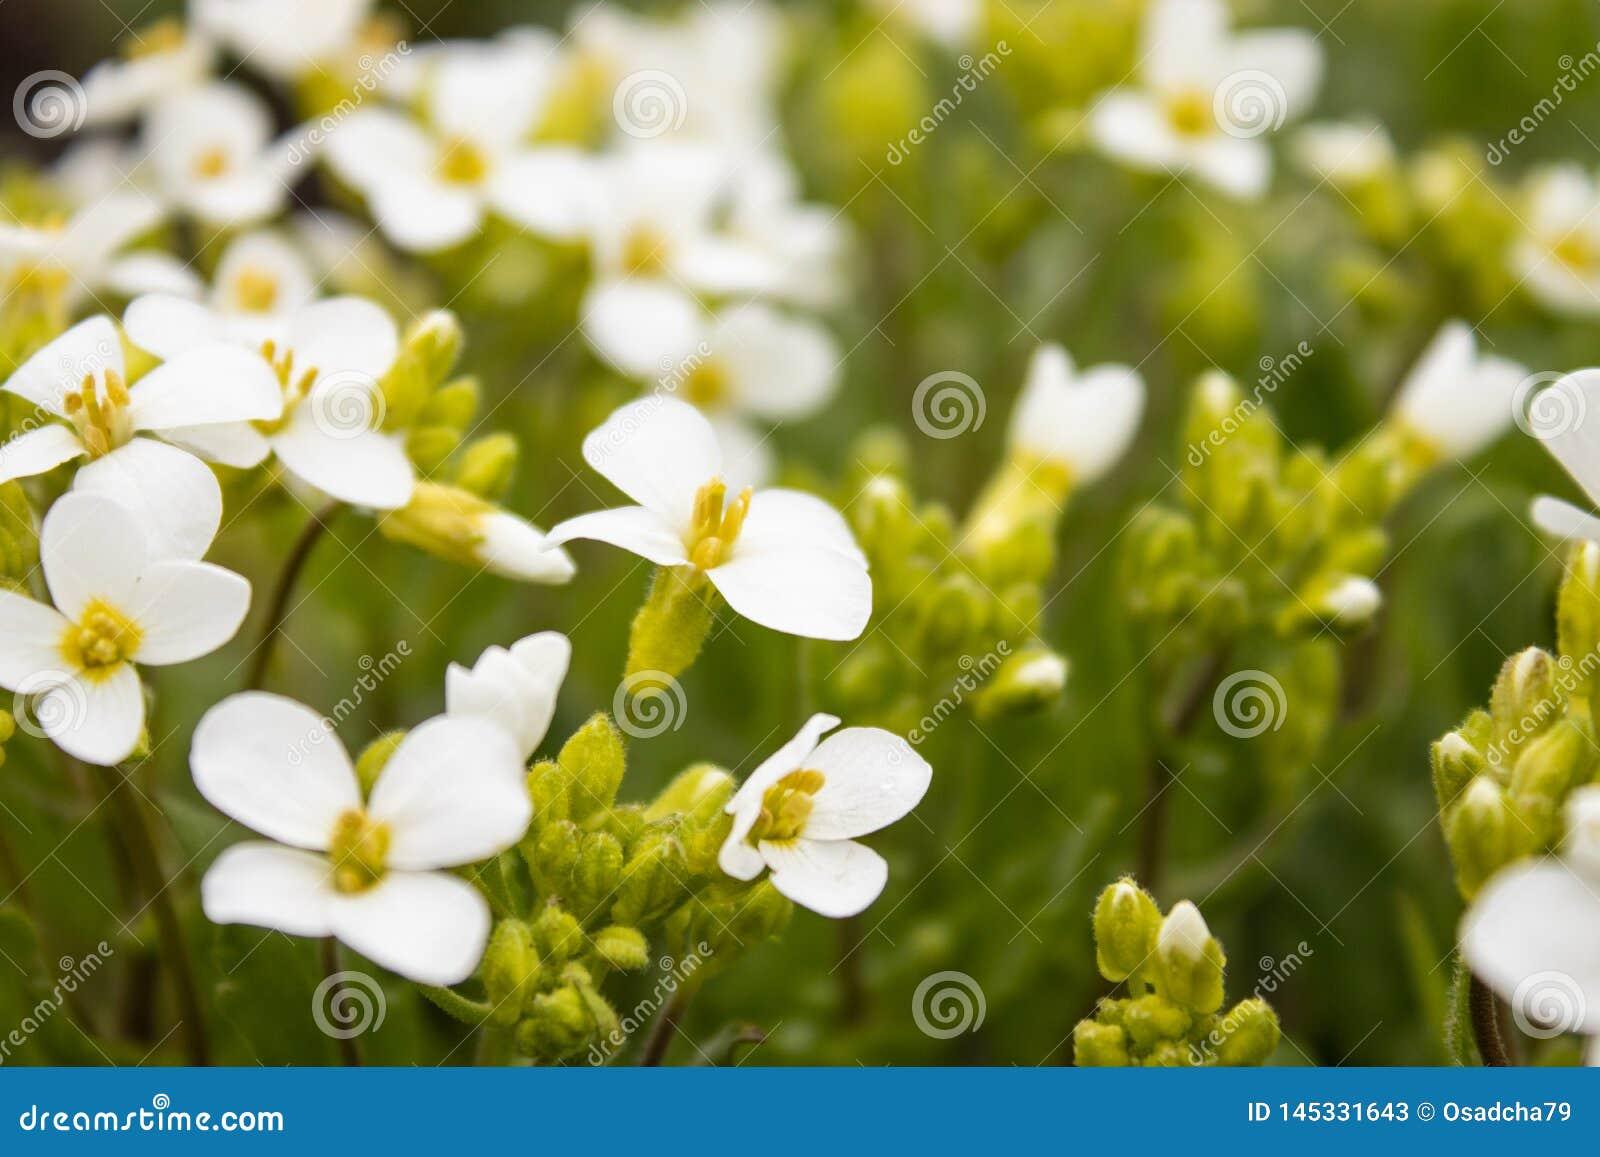 Белые цветки на предпосылке зеленых листьев Крошечные белые цветки весной